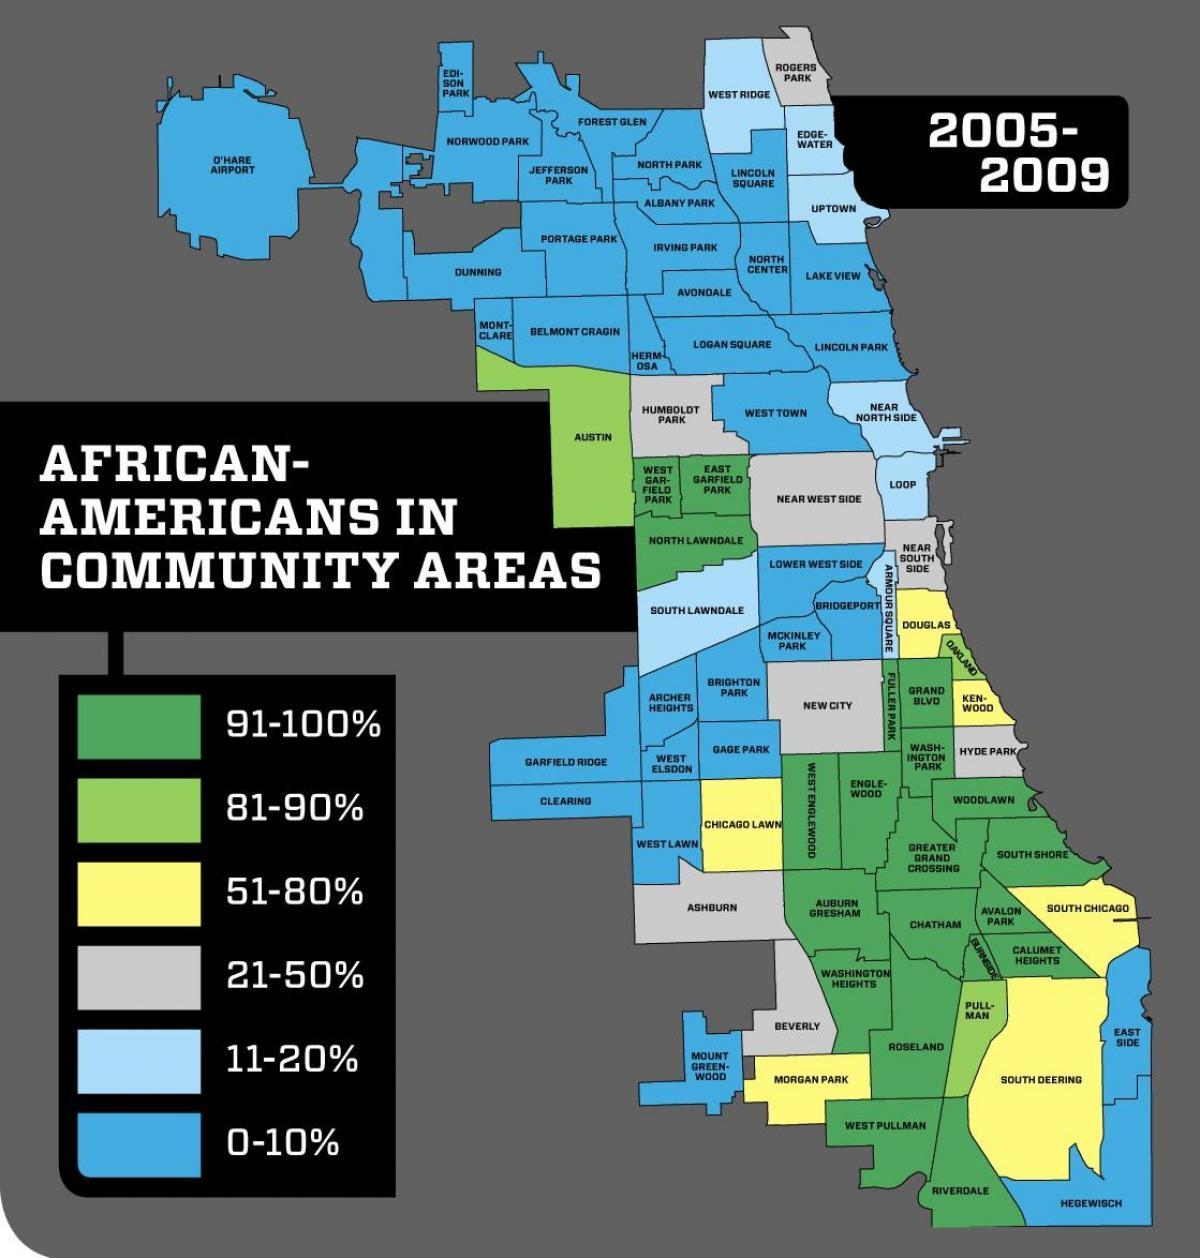 Chicago crime map von Nachbarschaft - Chicago neighborhood crime map on